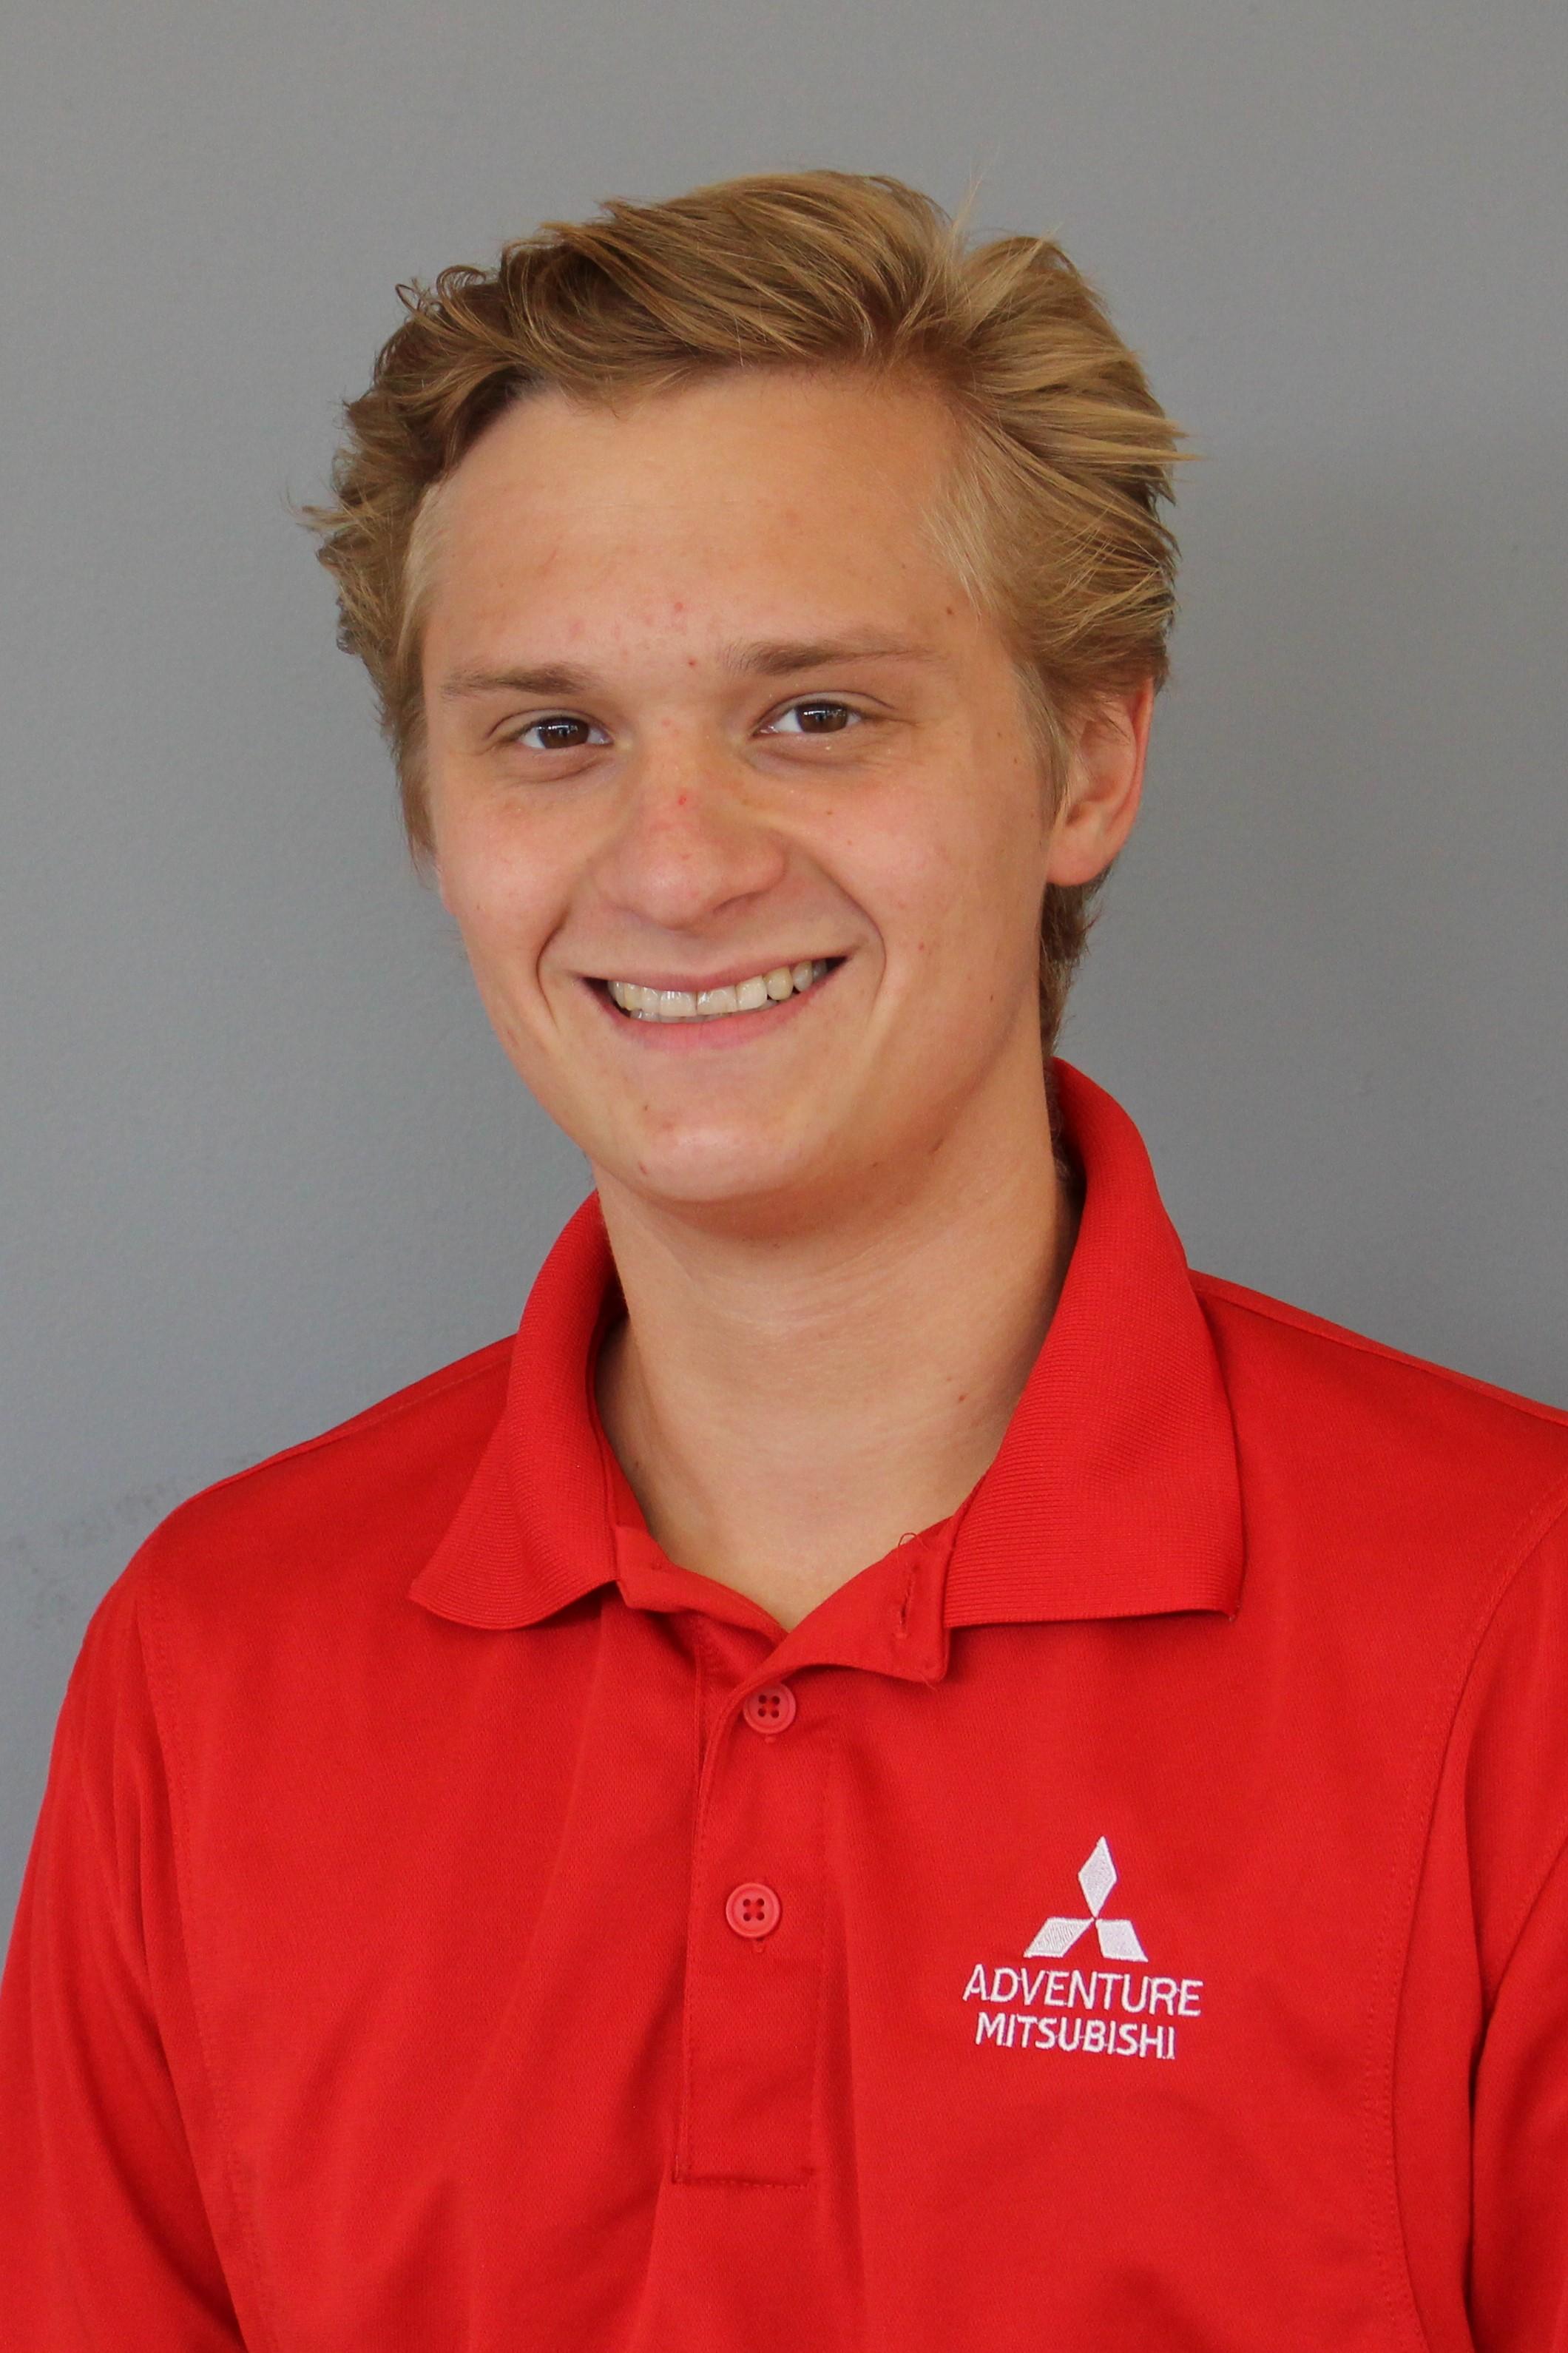 Austin Eskew Bio Image